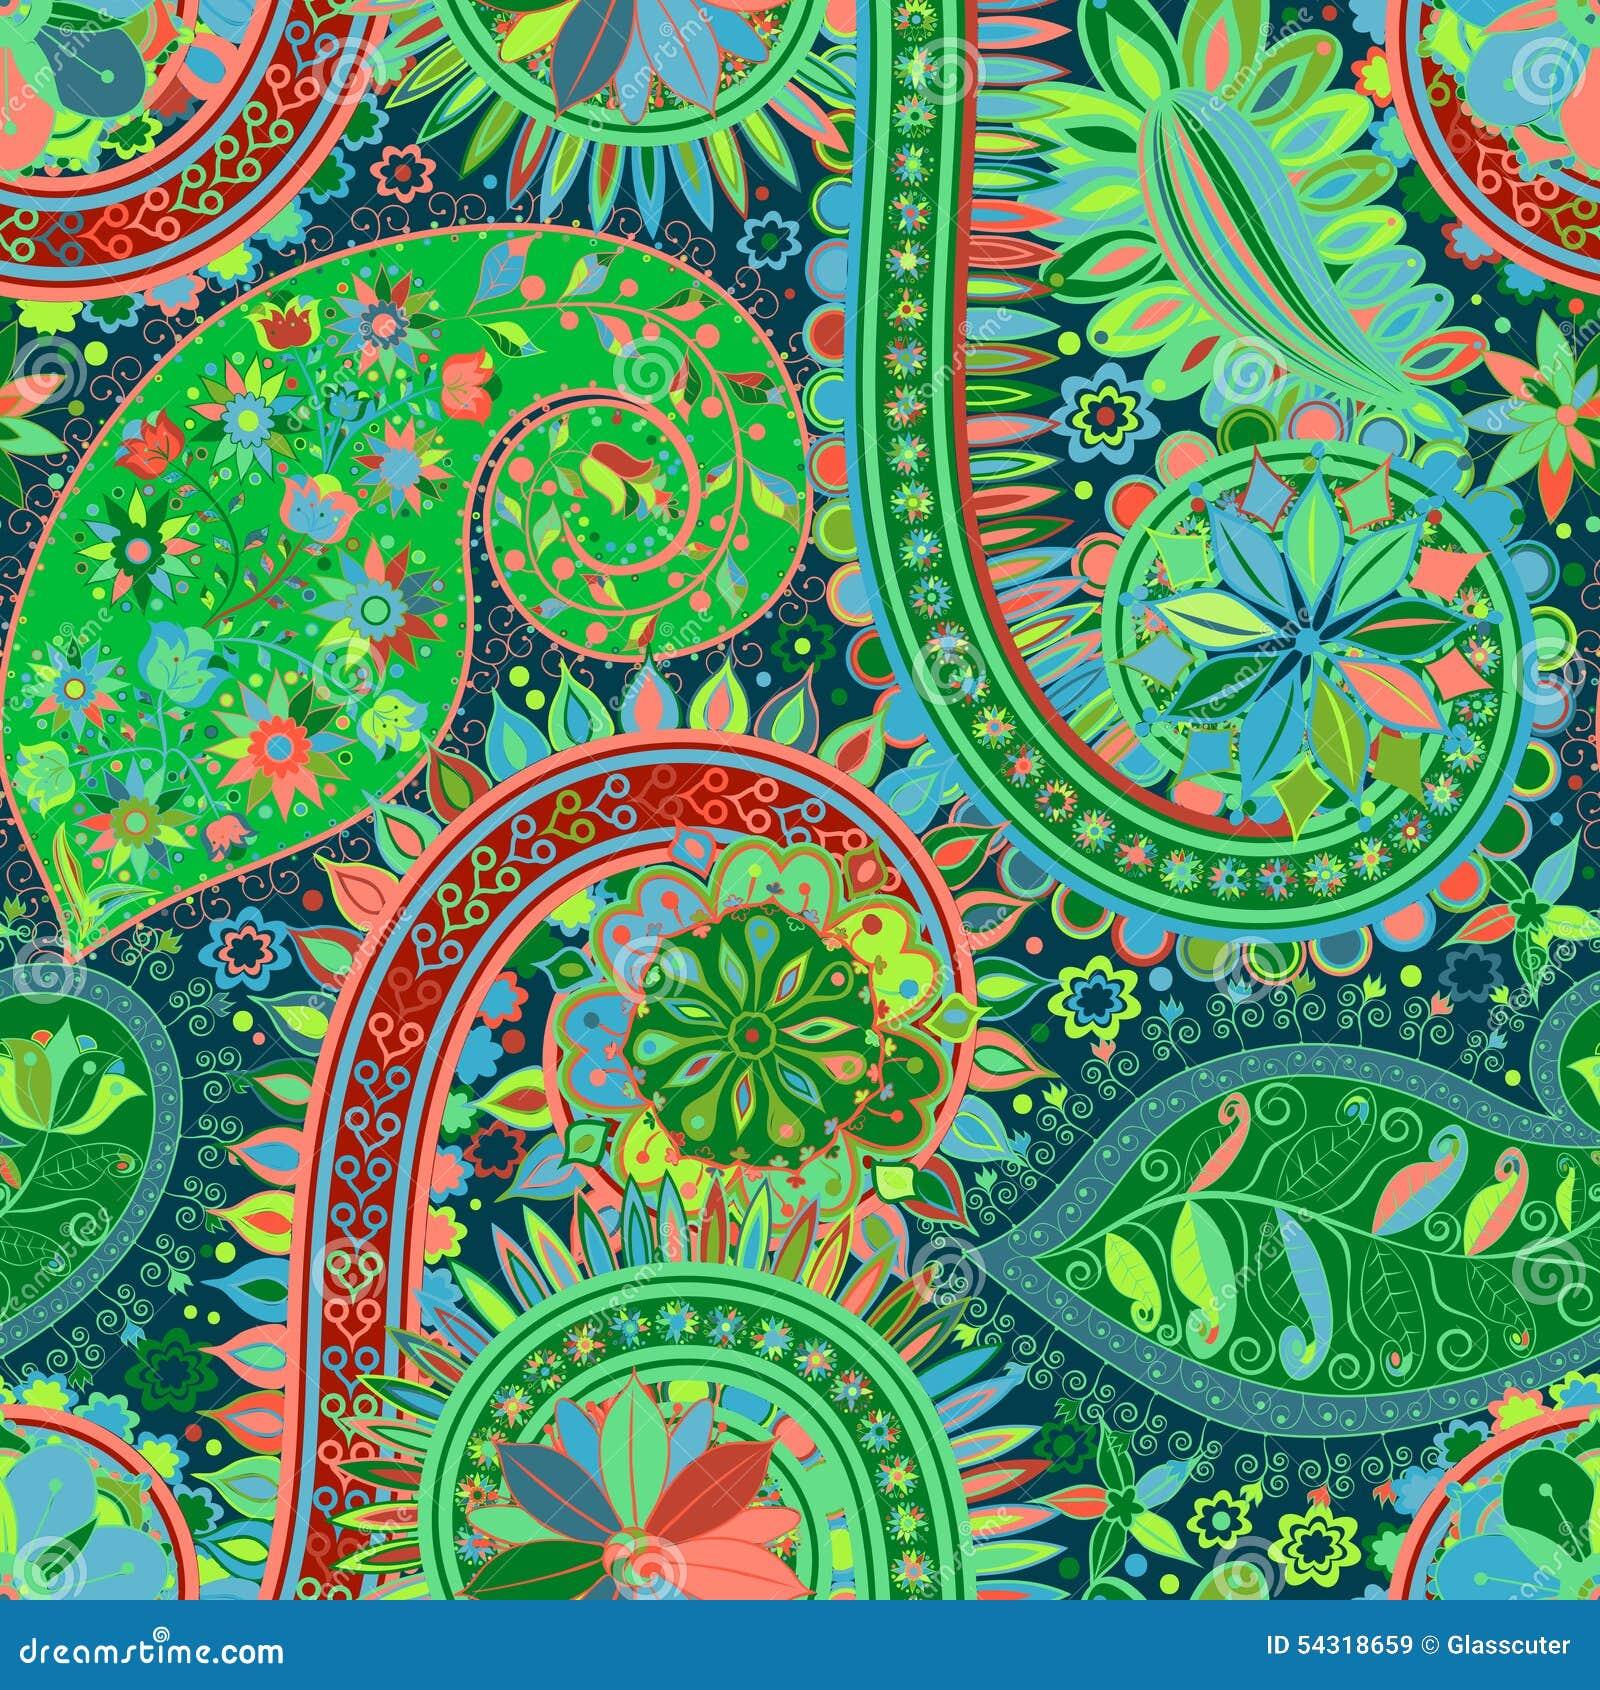 vintage floral motif ethnic seamless background vector illustration 53355160. Black Bedroom Furniture Sets. Home Design Ideas